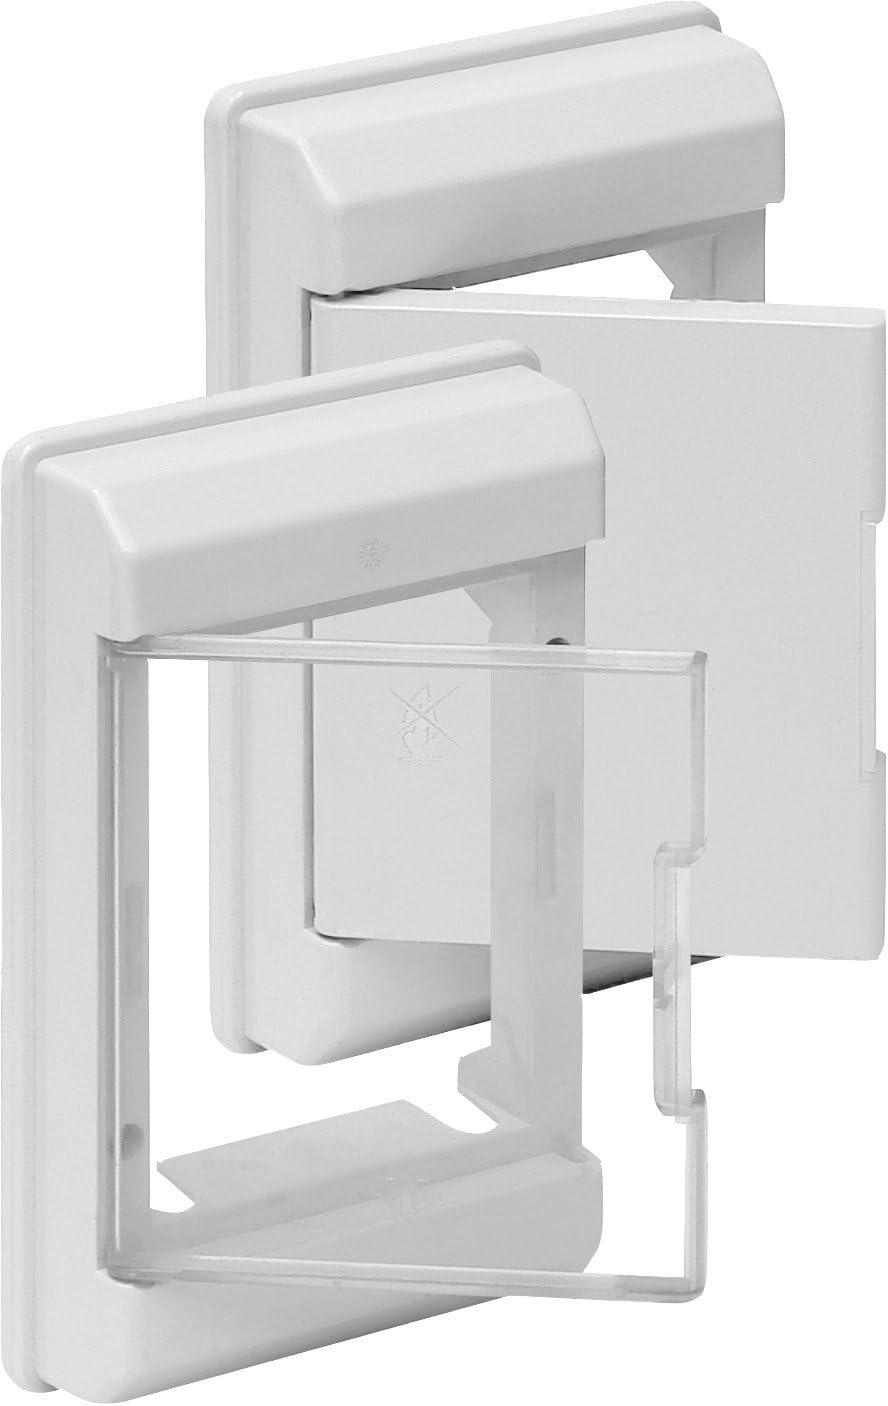 SOLERA 5253B Marco y Puerta para Caja de Distribución: Amazon.es ...